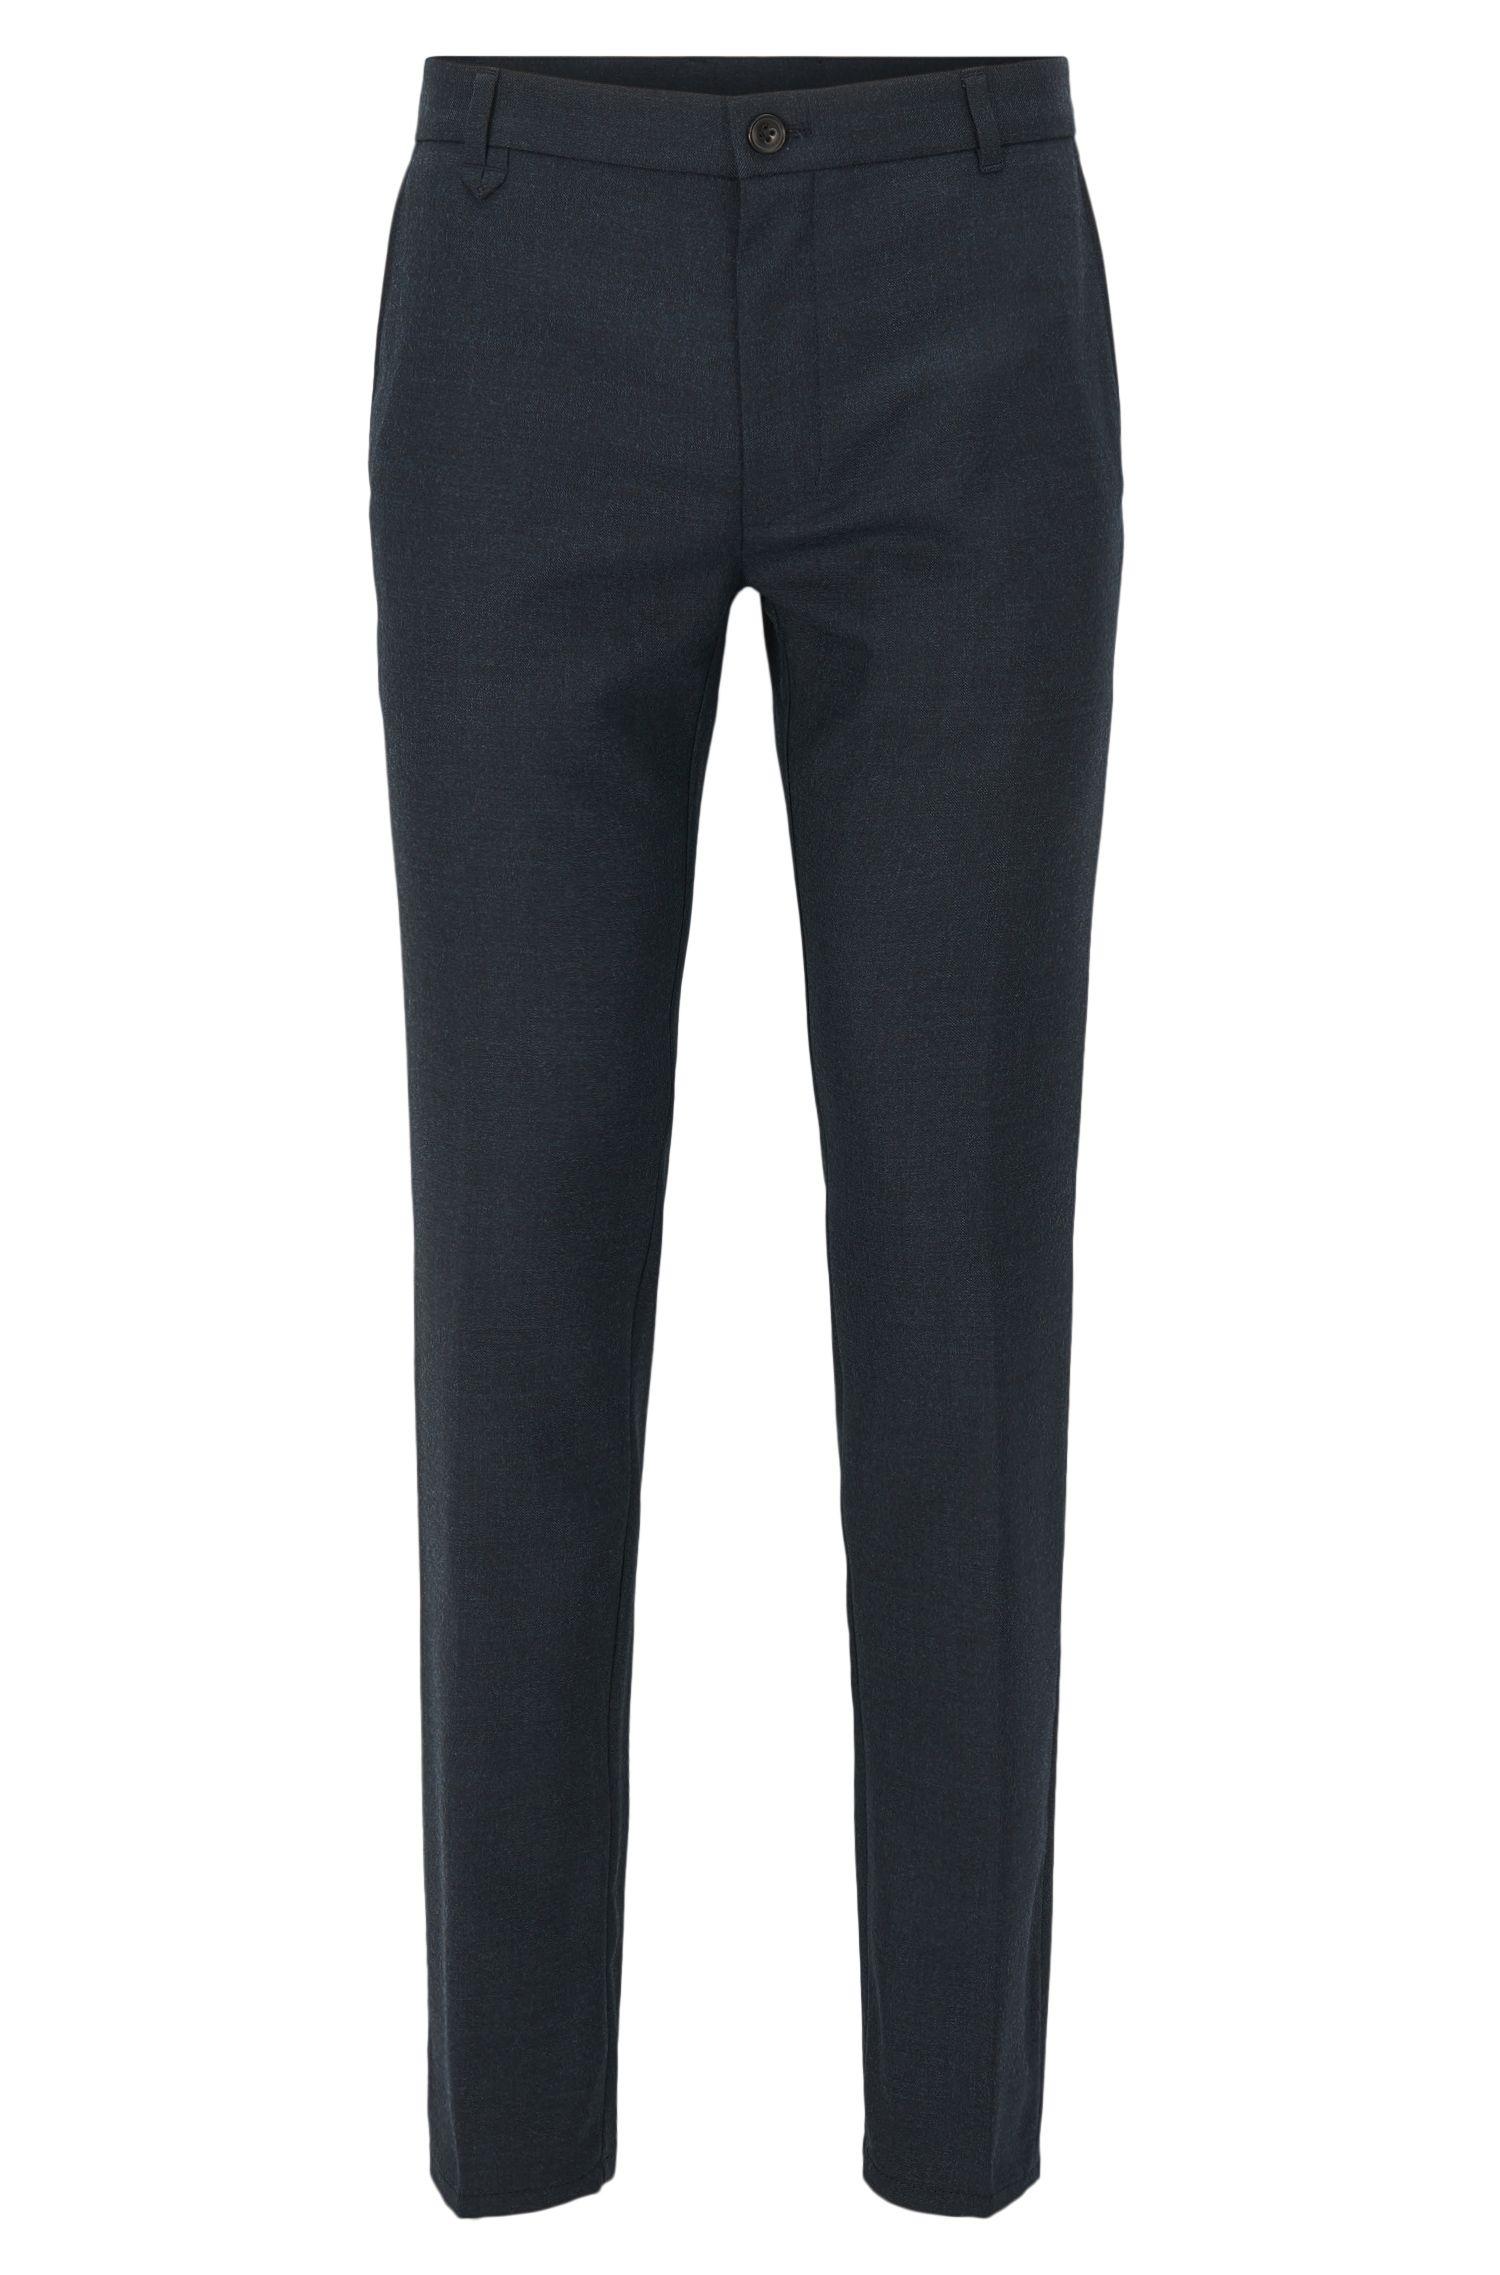 Stretch Virgin Wool Pants, Extra Slim Fit   Heldor